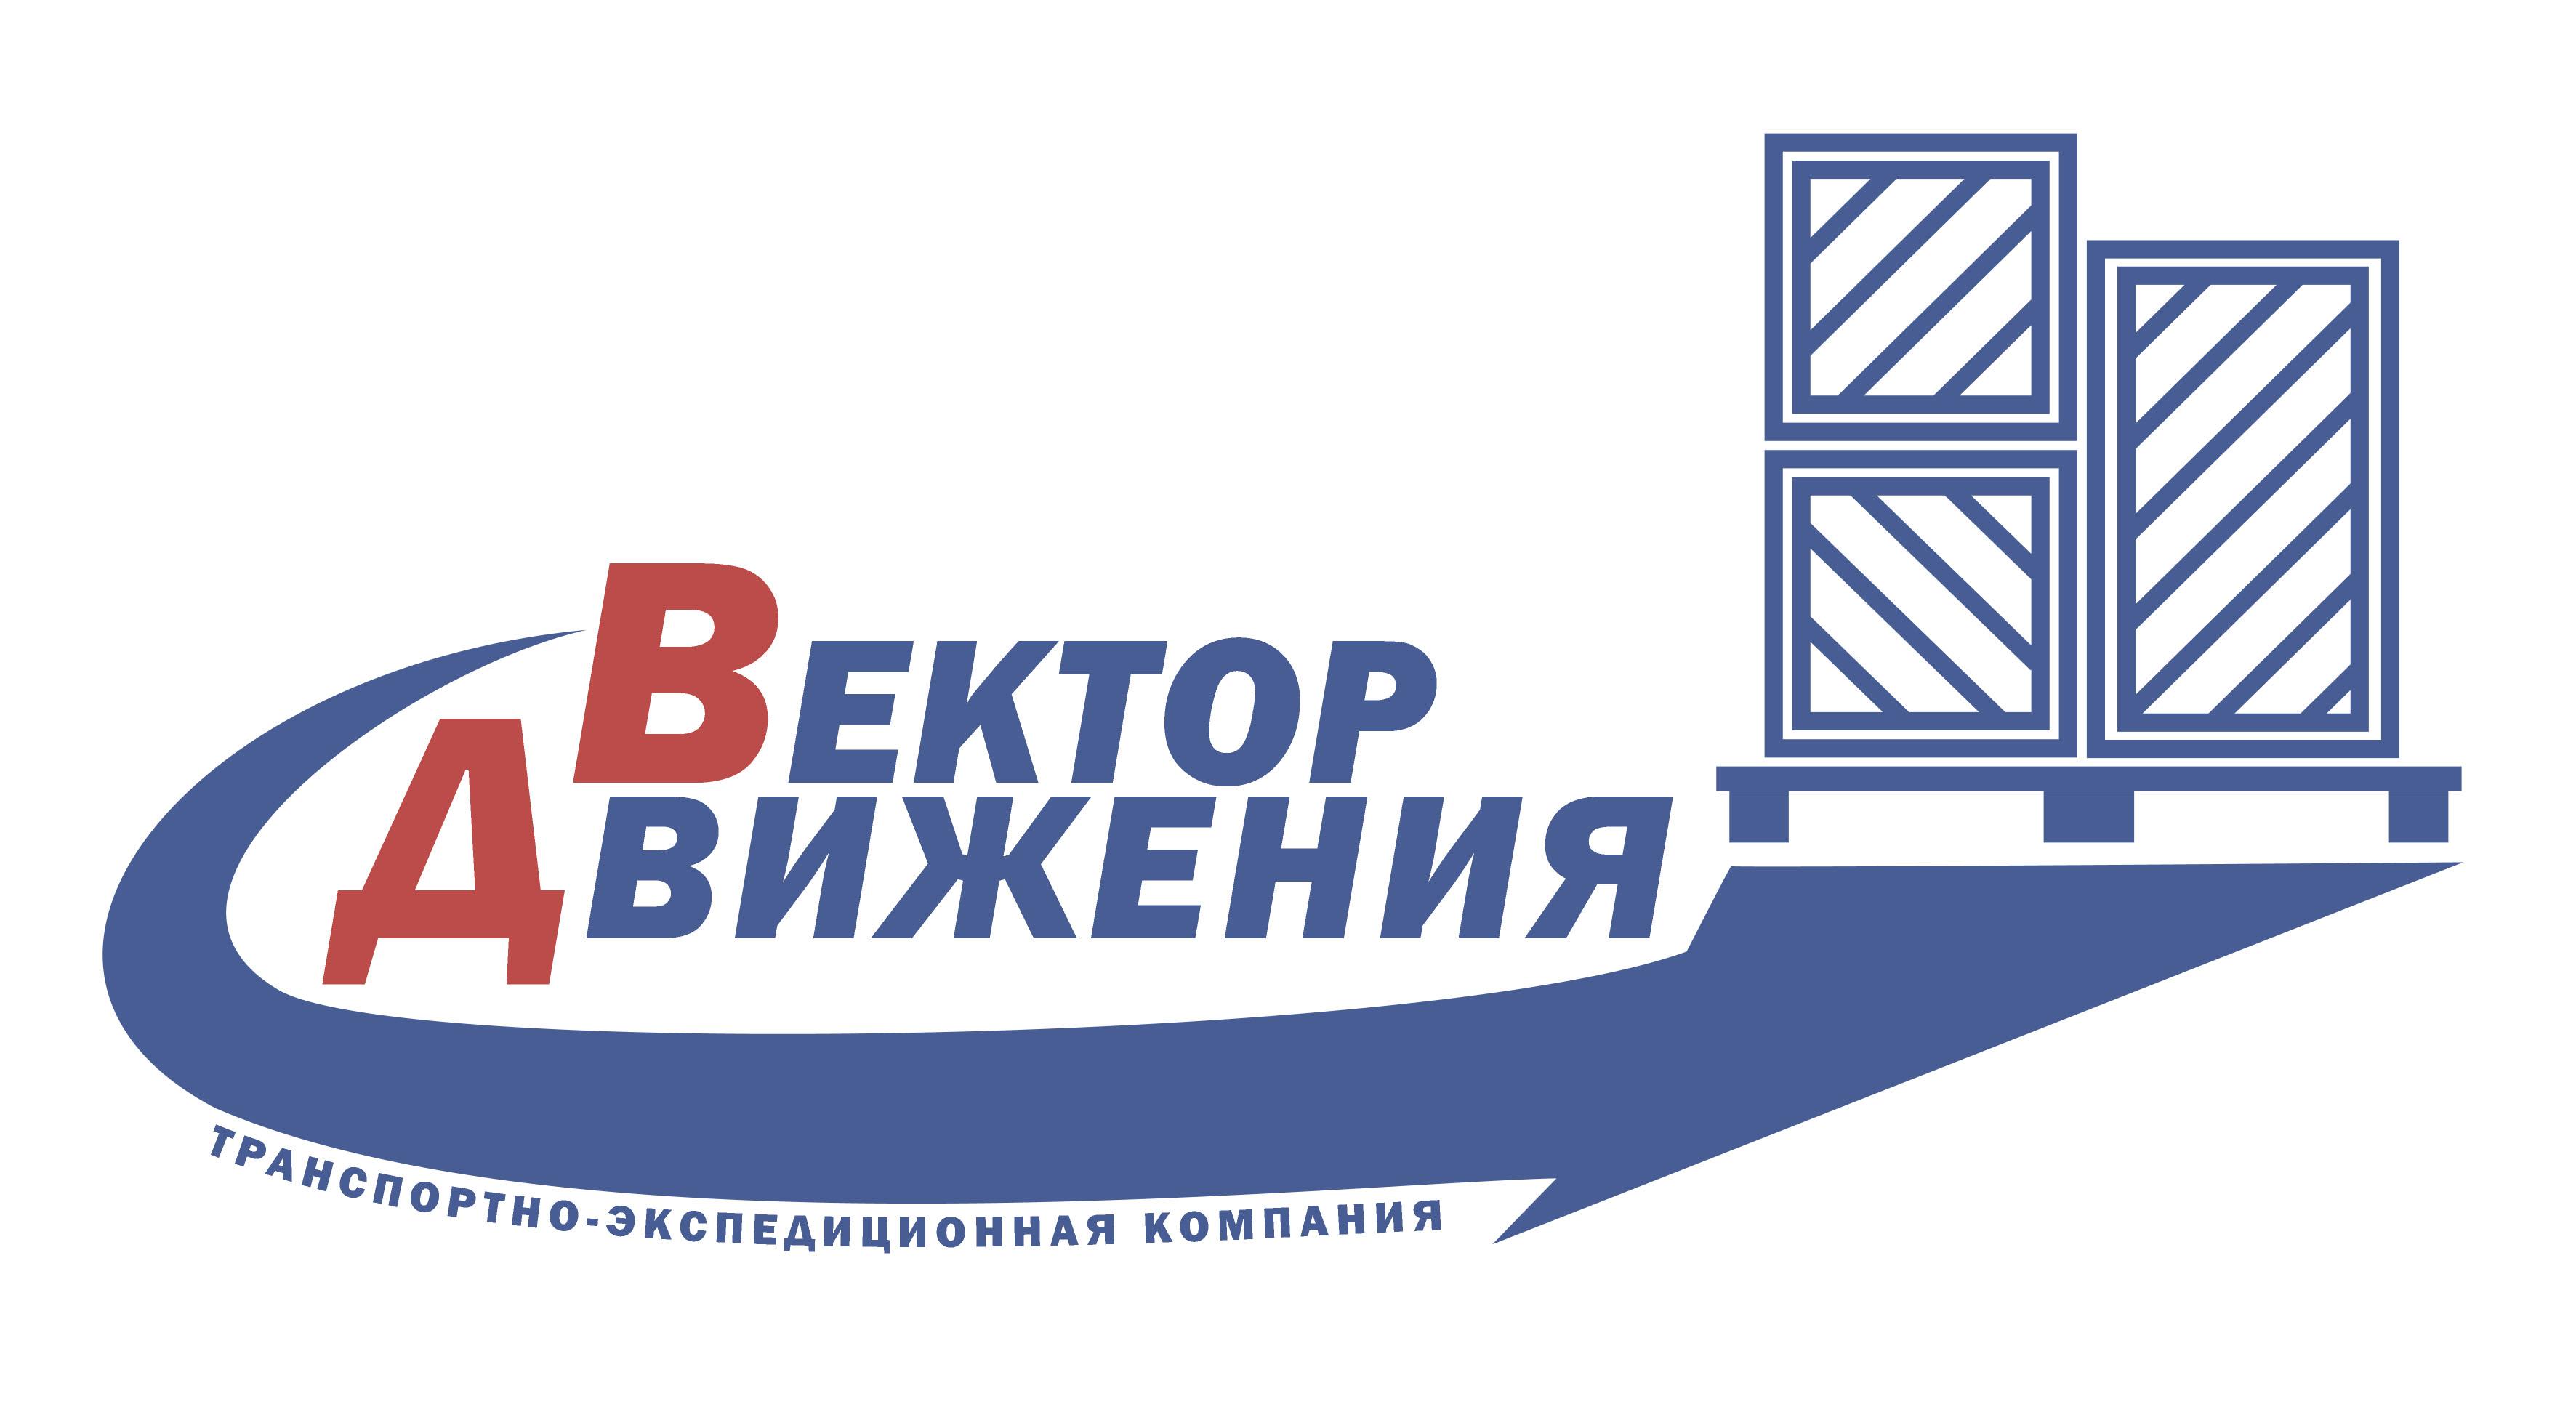 Разработка логотипа фото f_8905c349bd189a9f.jpg